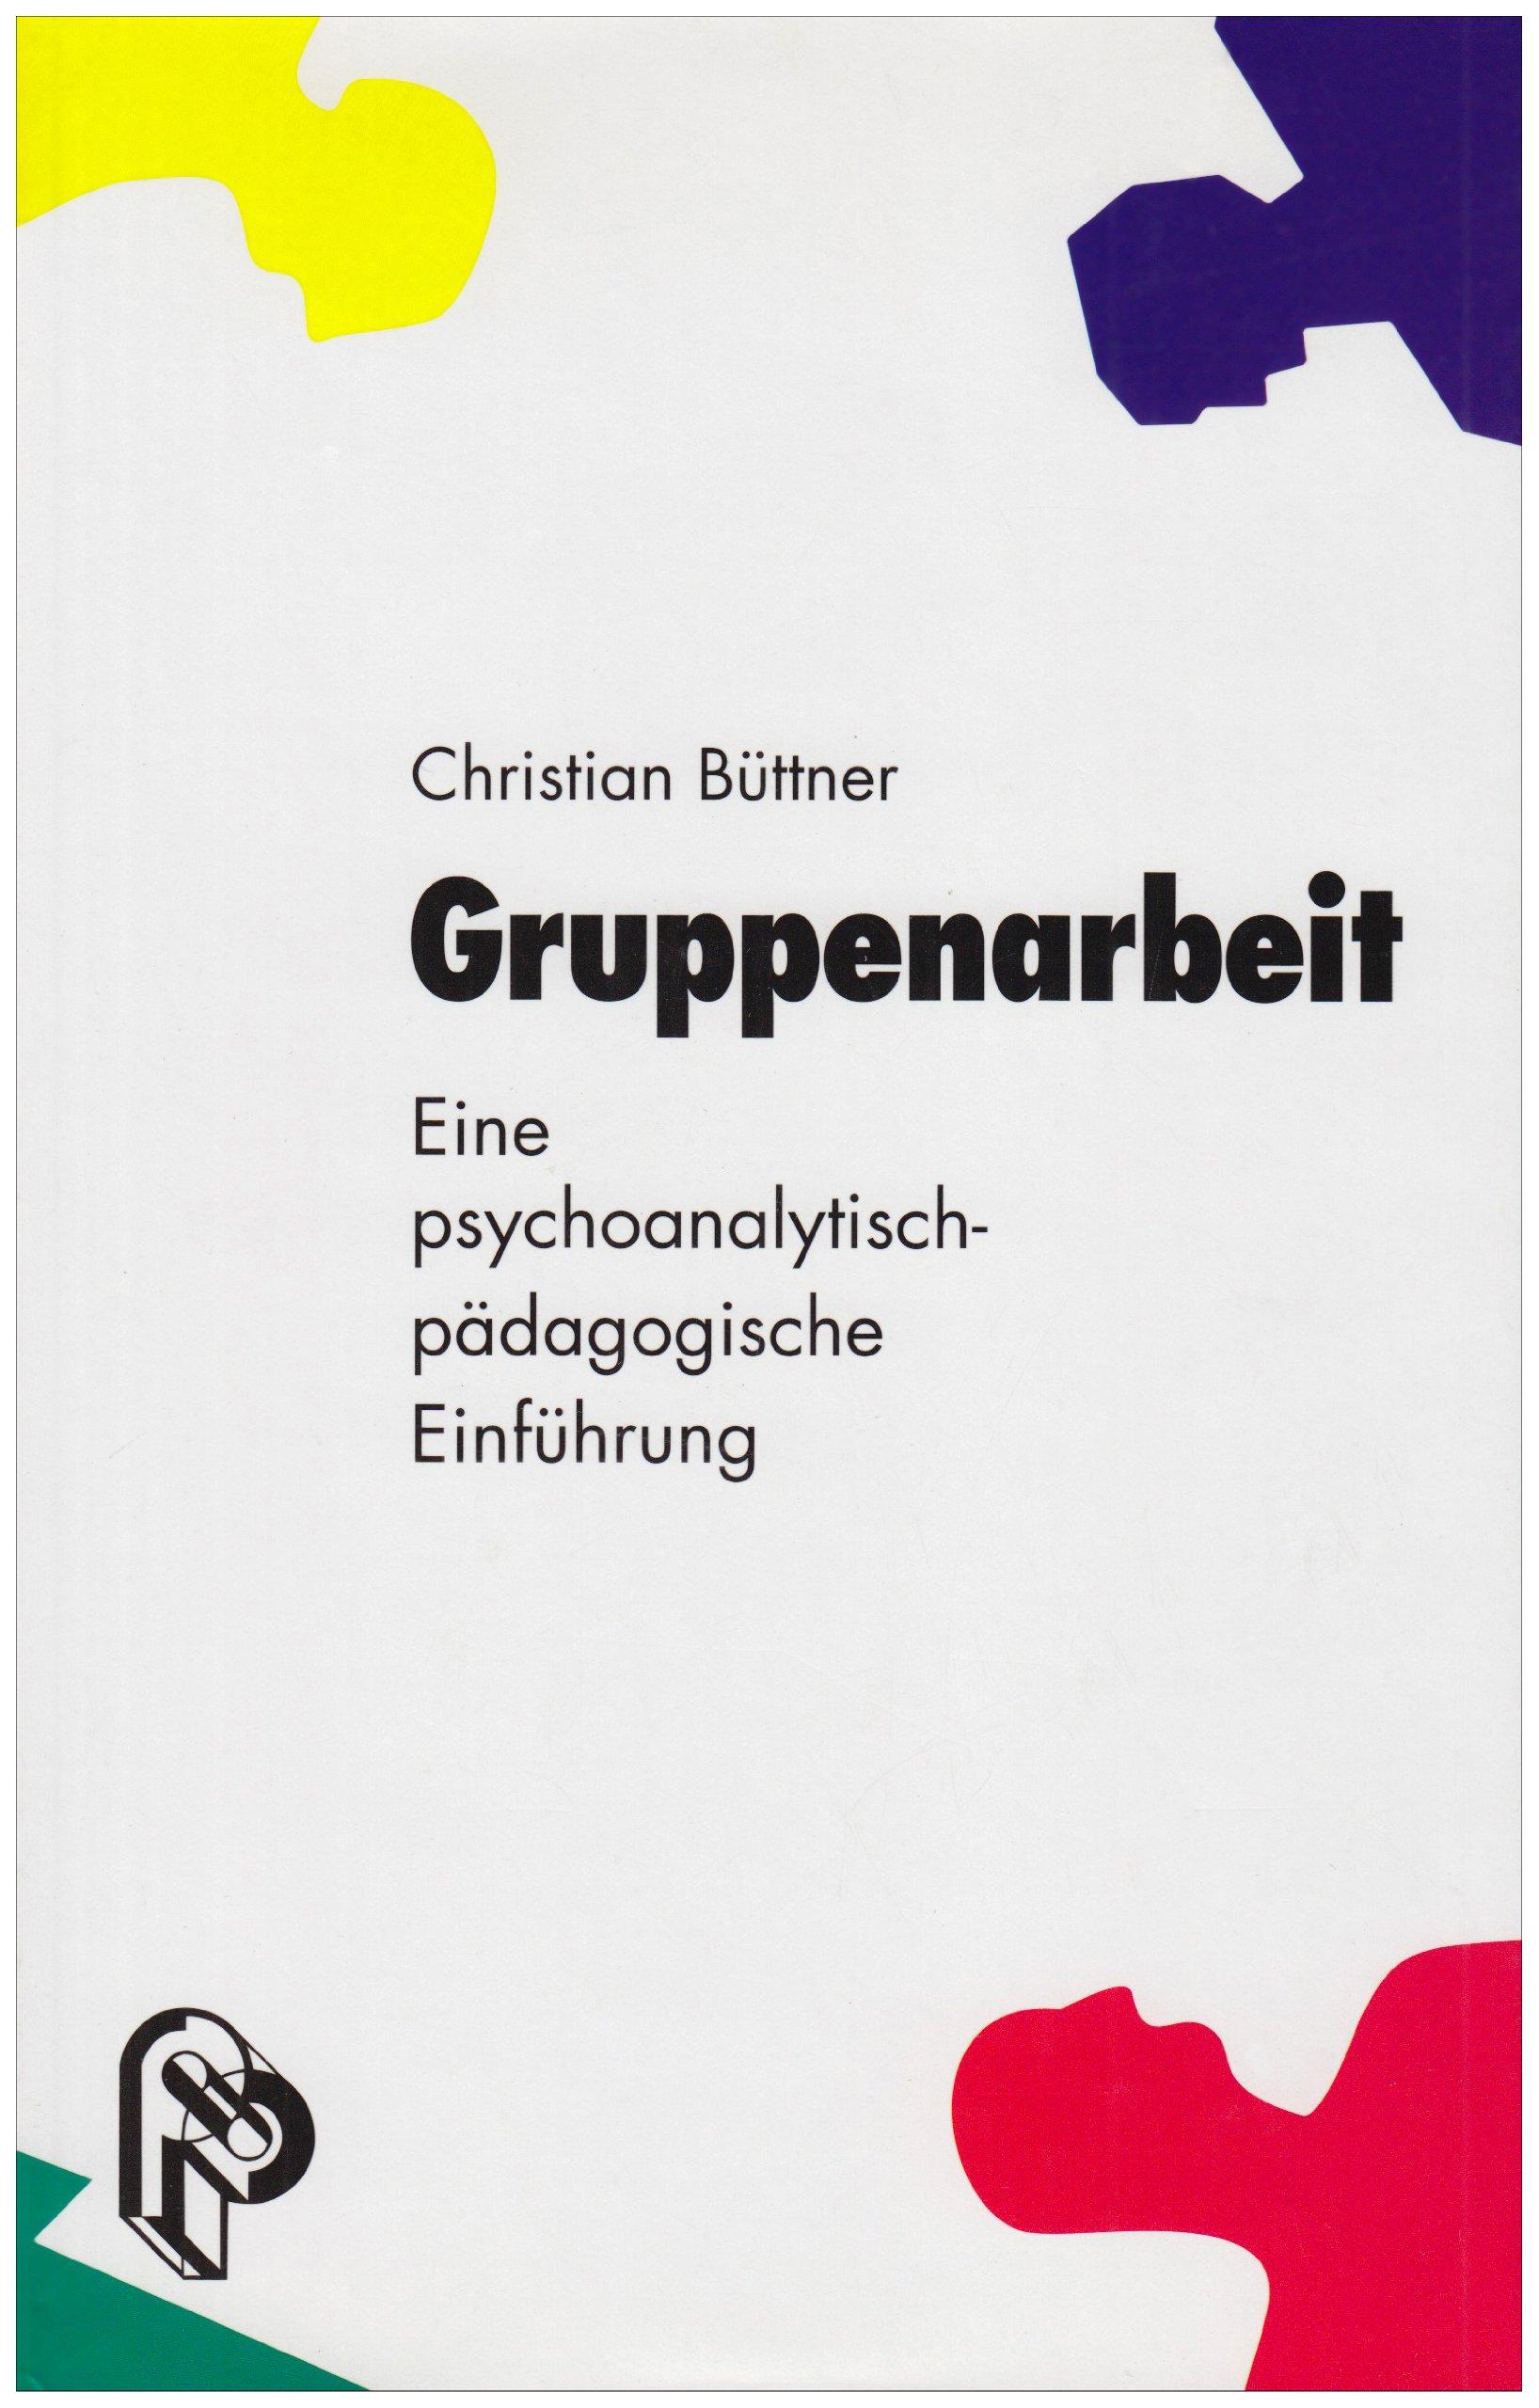 Gruppenarbeit: Eine psychoanalytisch-pädagogische Einführung